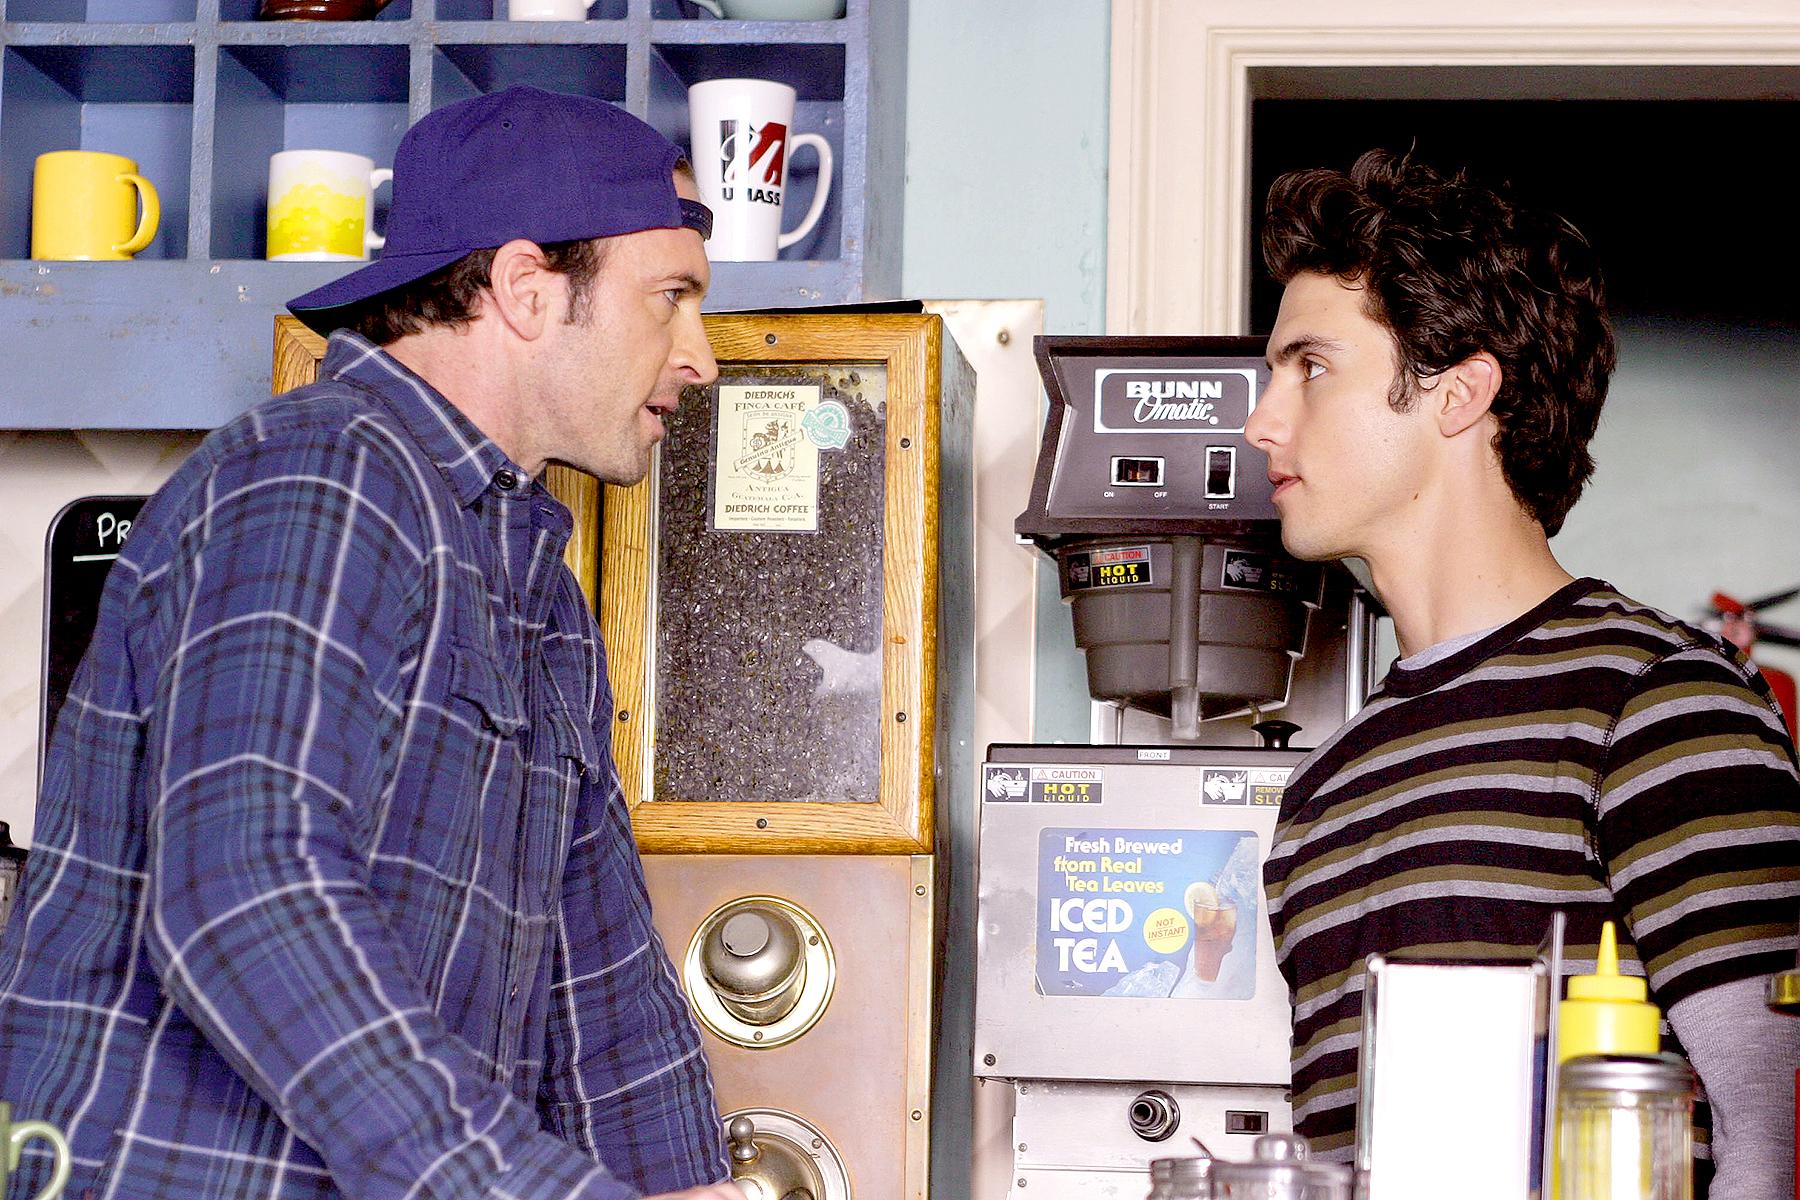 Scott Patterson and Milo Ventimiglia in Gilmore Girls.